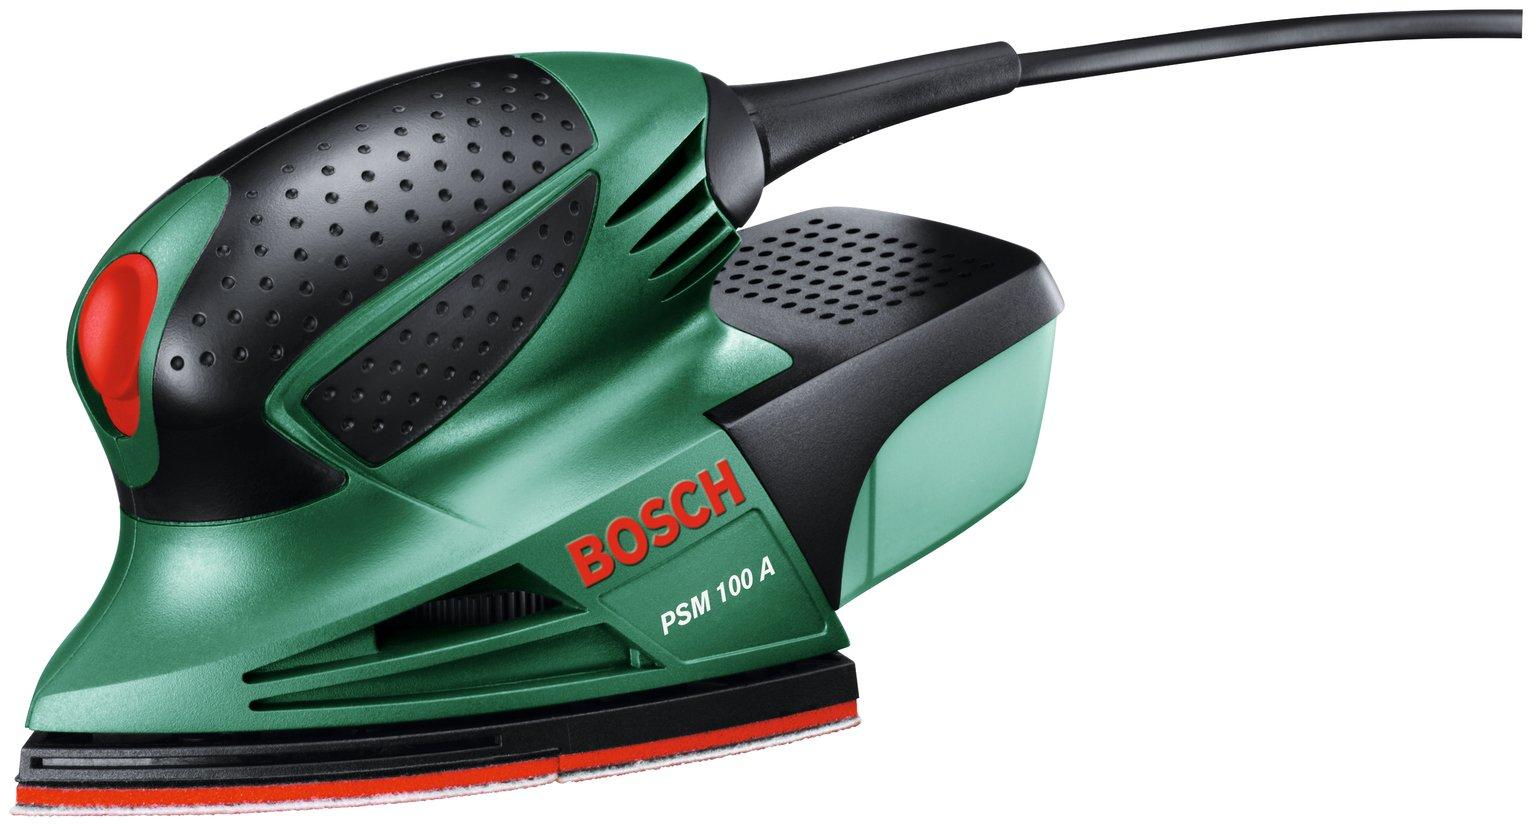 Image of Bosch PSM 100A Sander